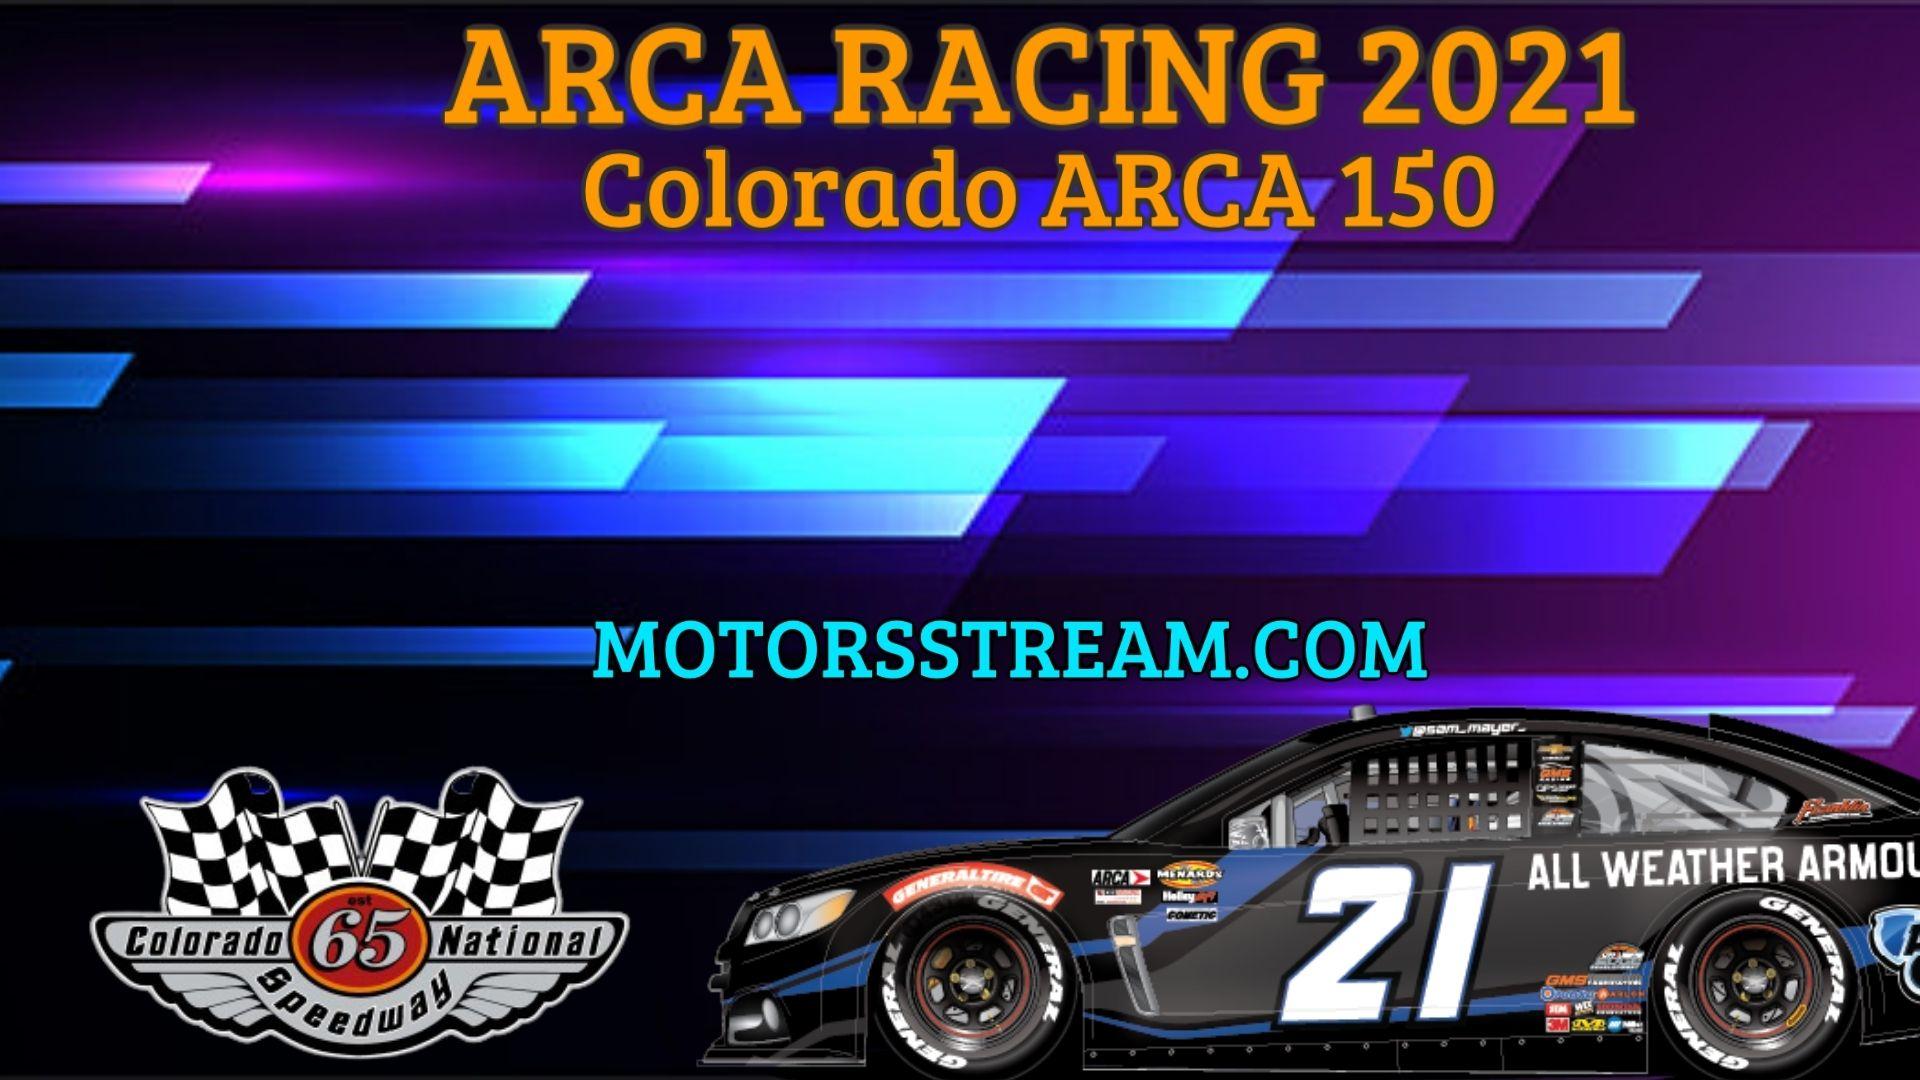 Colorado ARCA 150 Live Stream 2021 Arca Racing